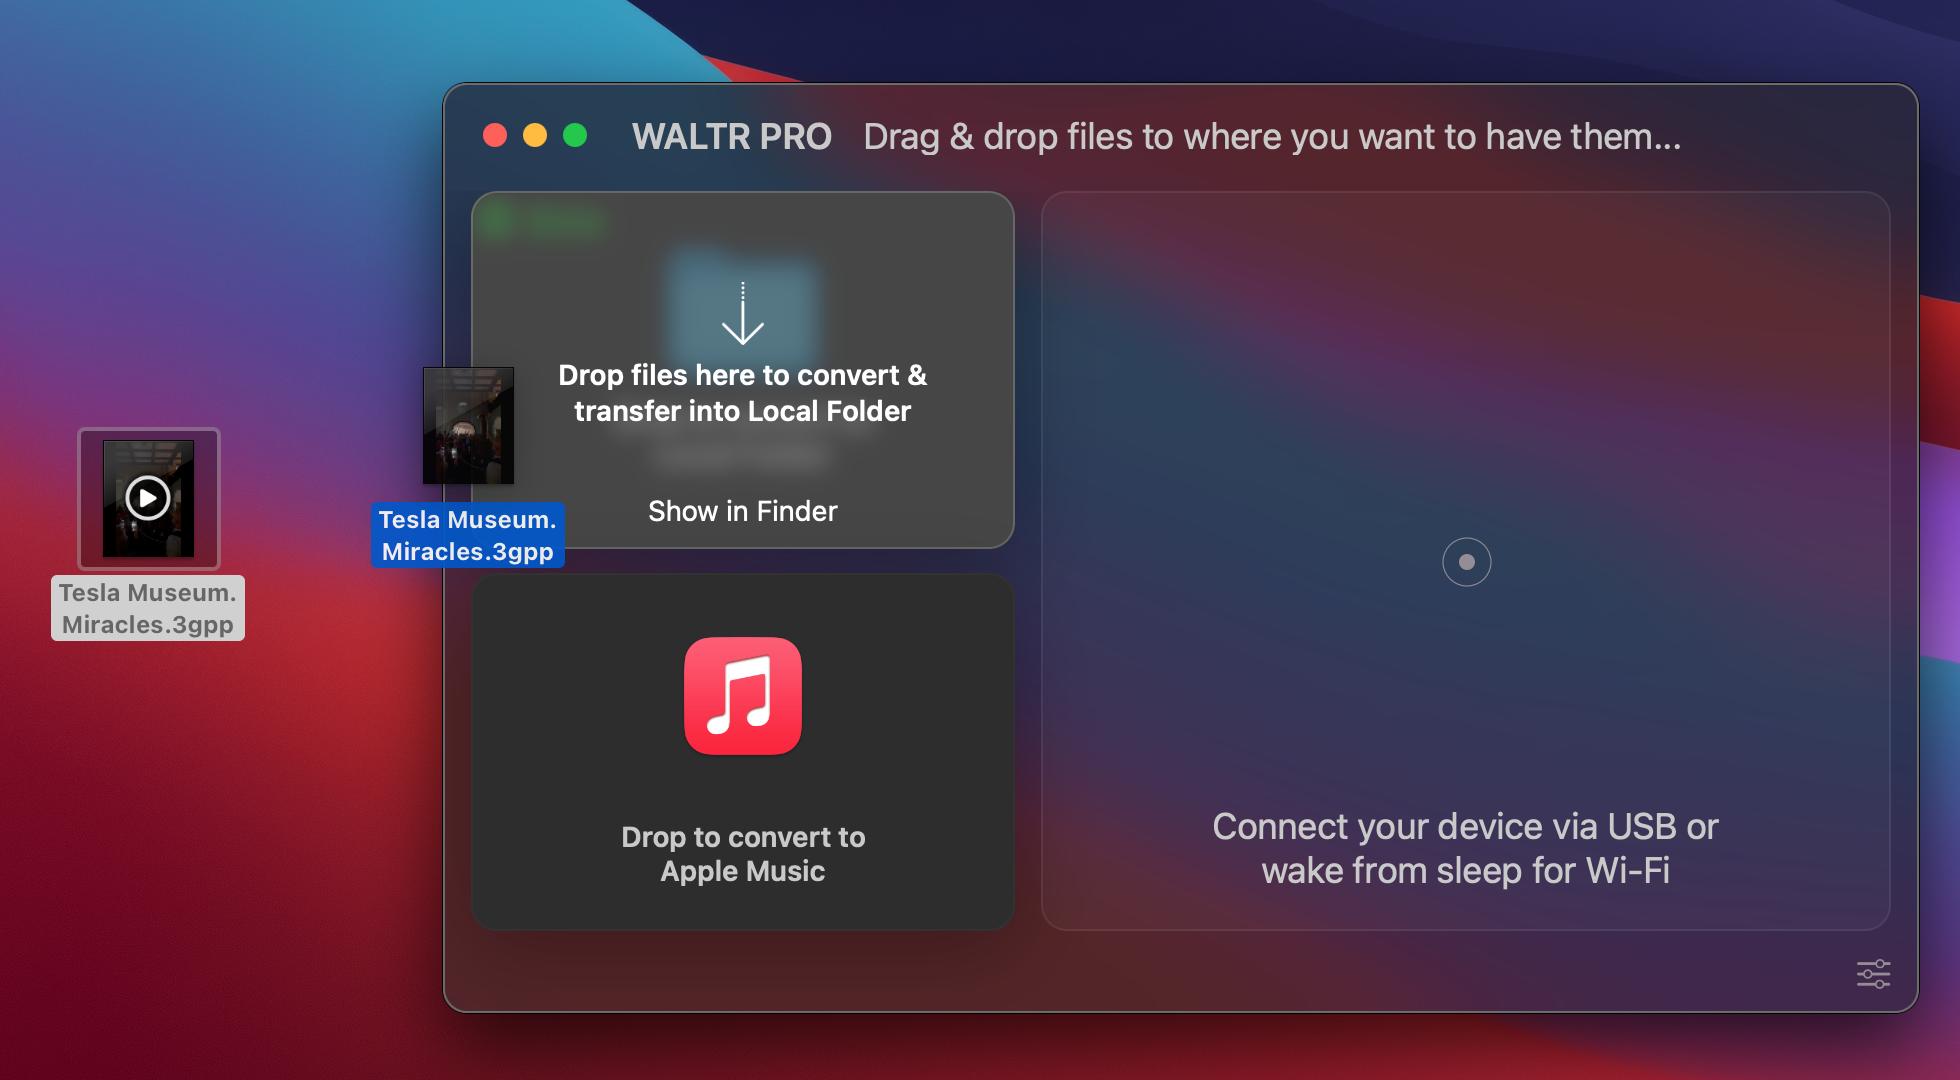 convert 3gpp files to mp4 on Mac